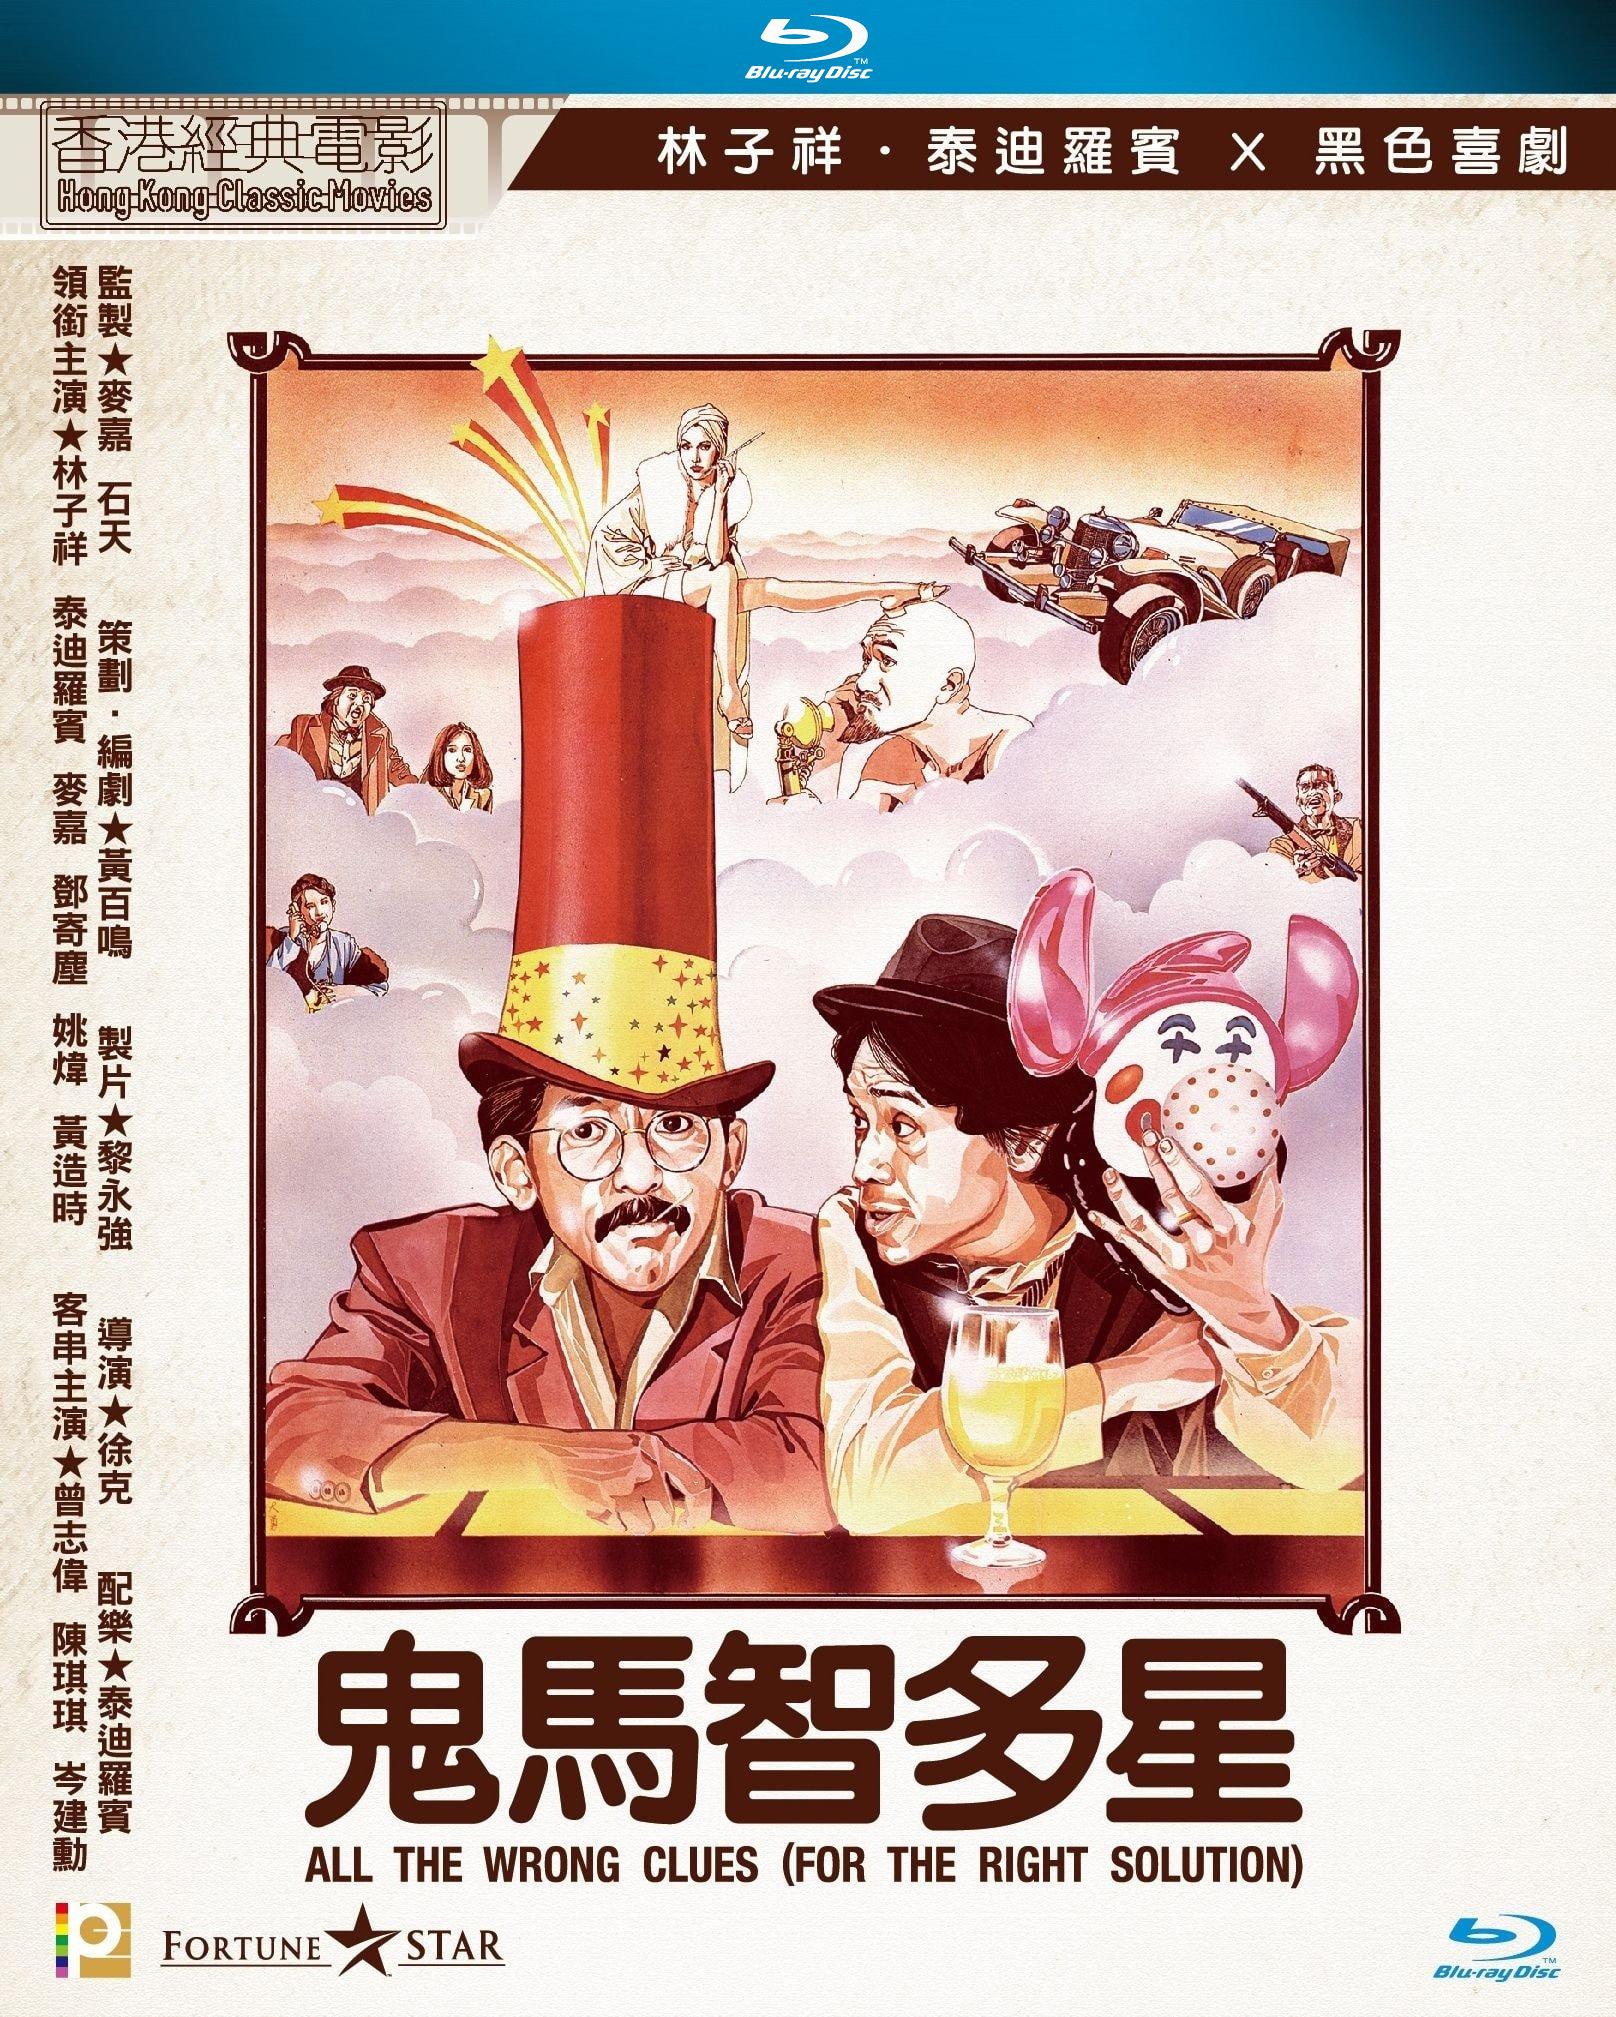 鬼馬智多星 國粵雙語 原盤繁簡英SUP字幕 All the Wrong Clues 1981 BluRay 1080p 2Audio TrueHD 5.1 x265.10bit-BeiTai